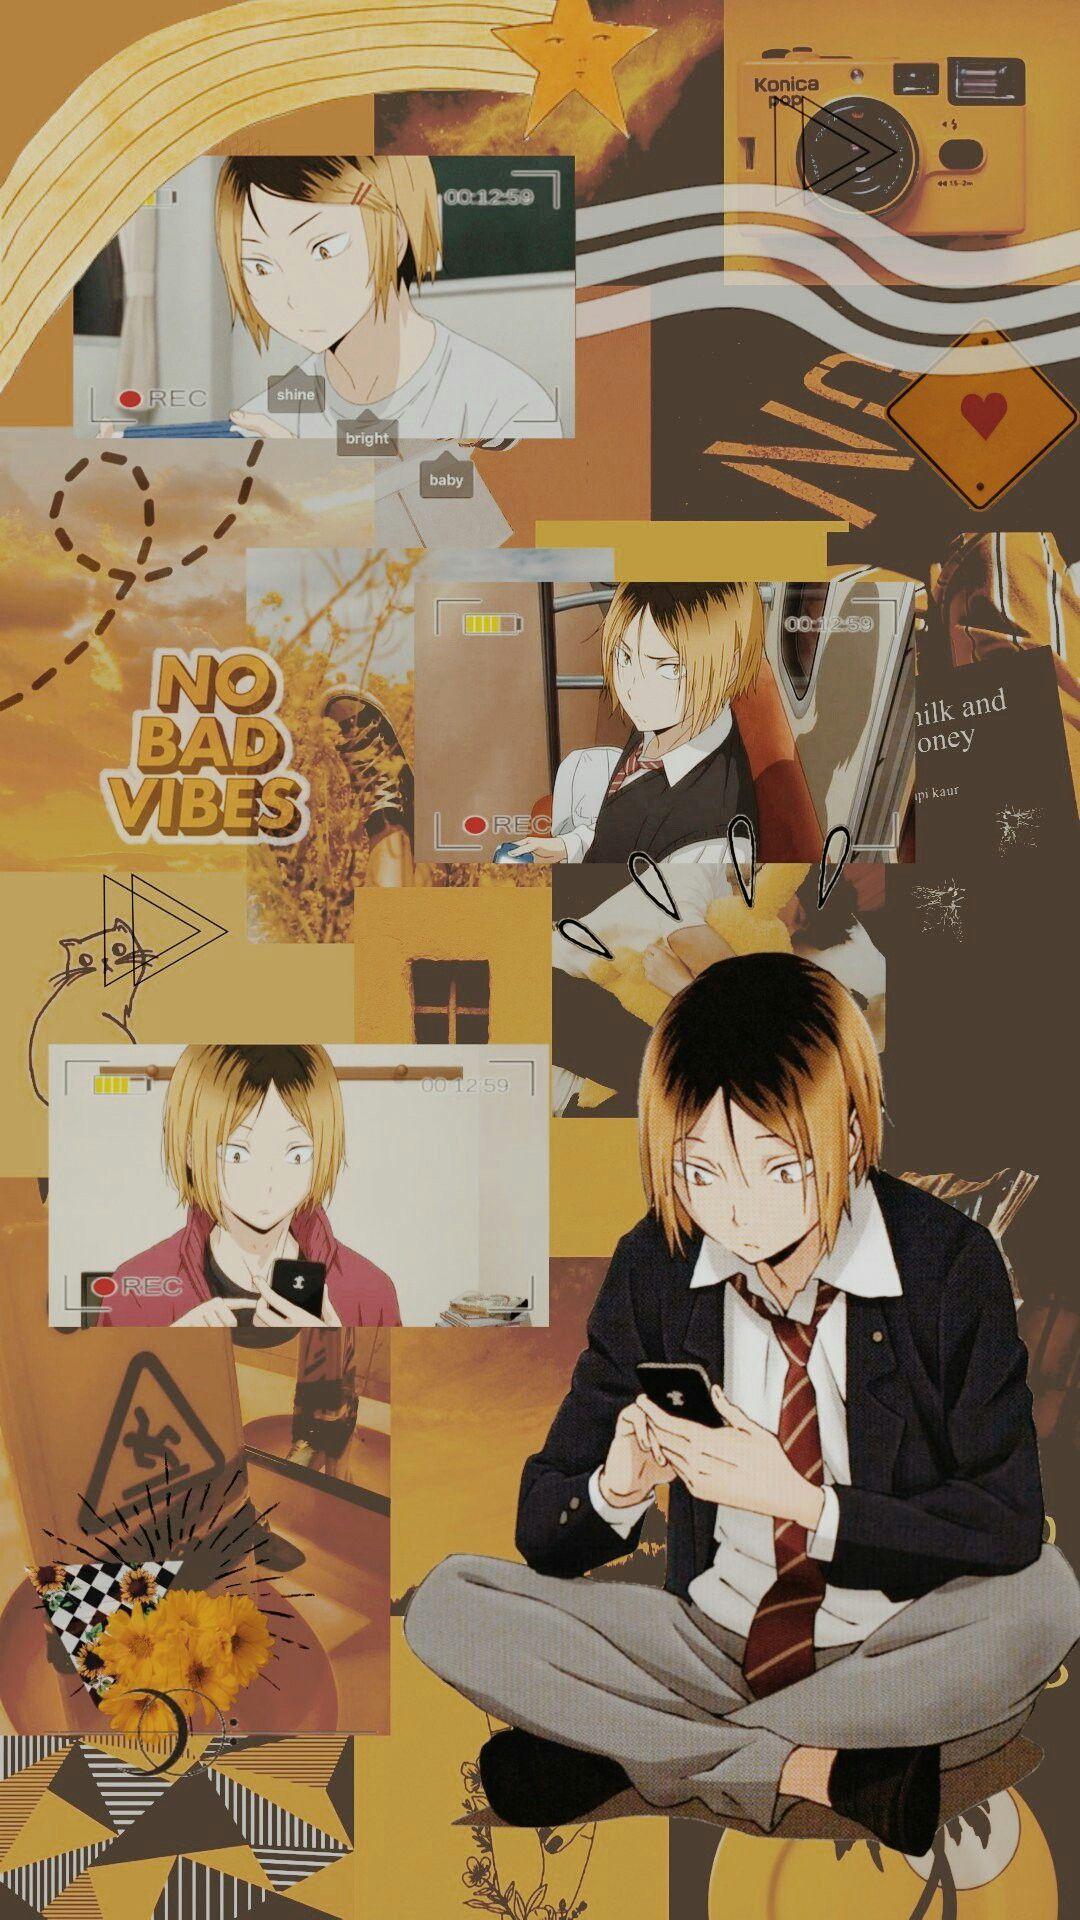 Kenma Haikyuu Wallpaper Anime Wallpaper Iphone Cute Anime